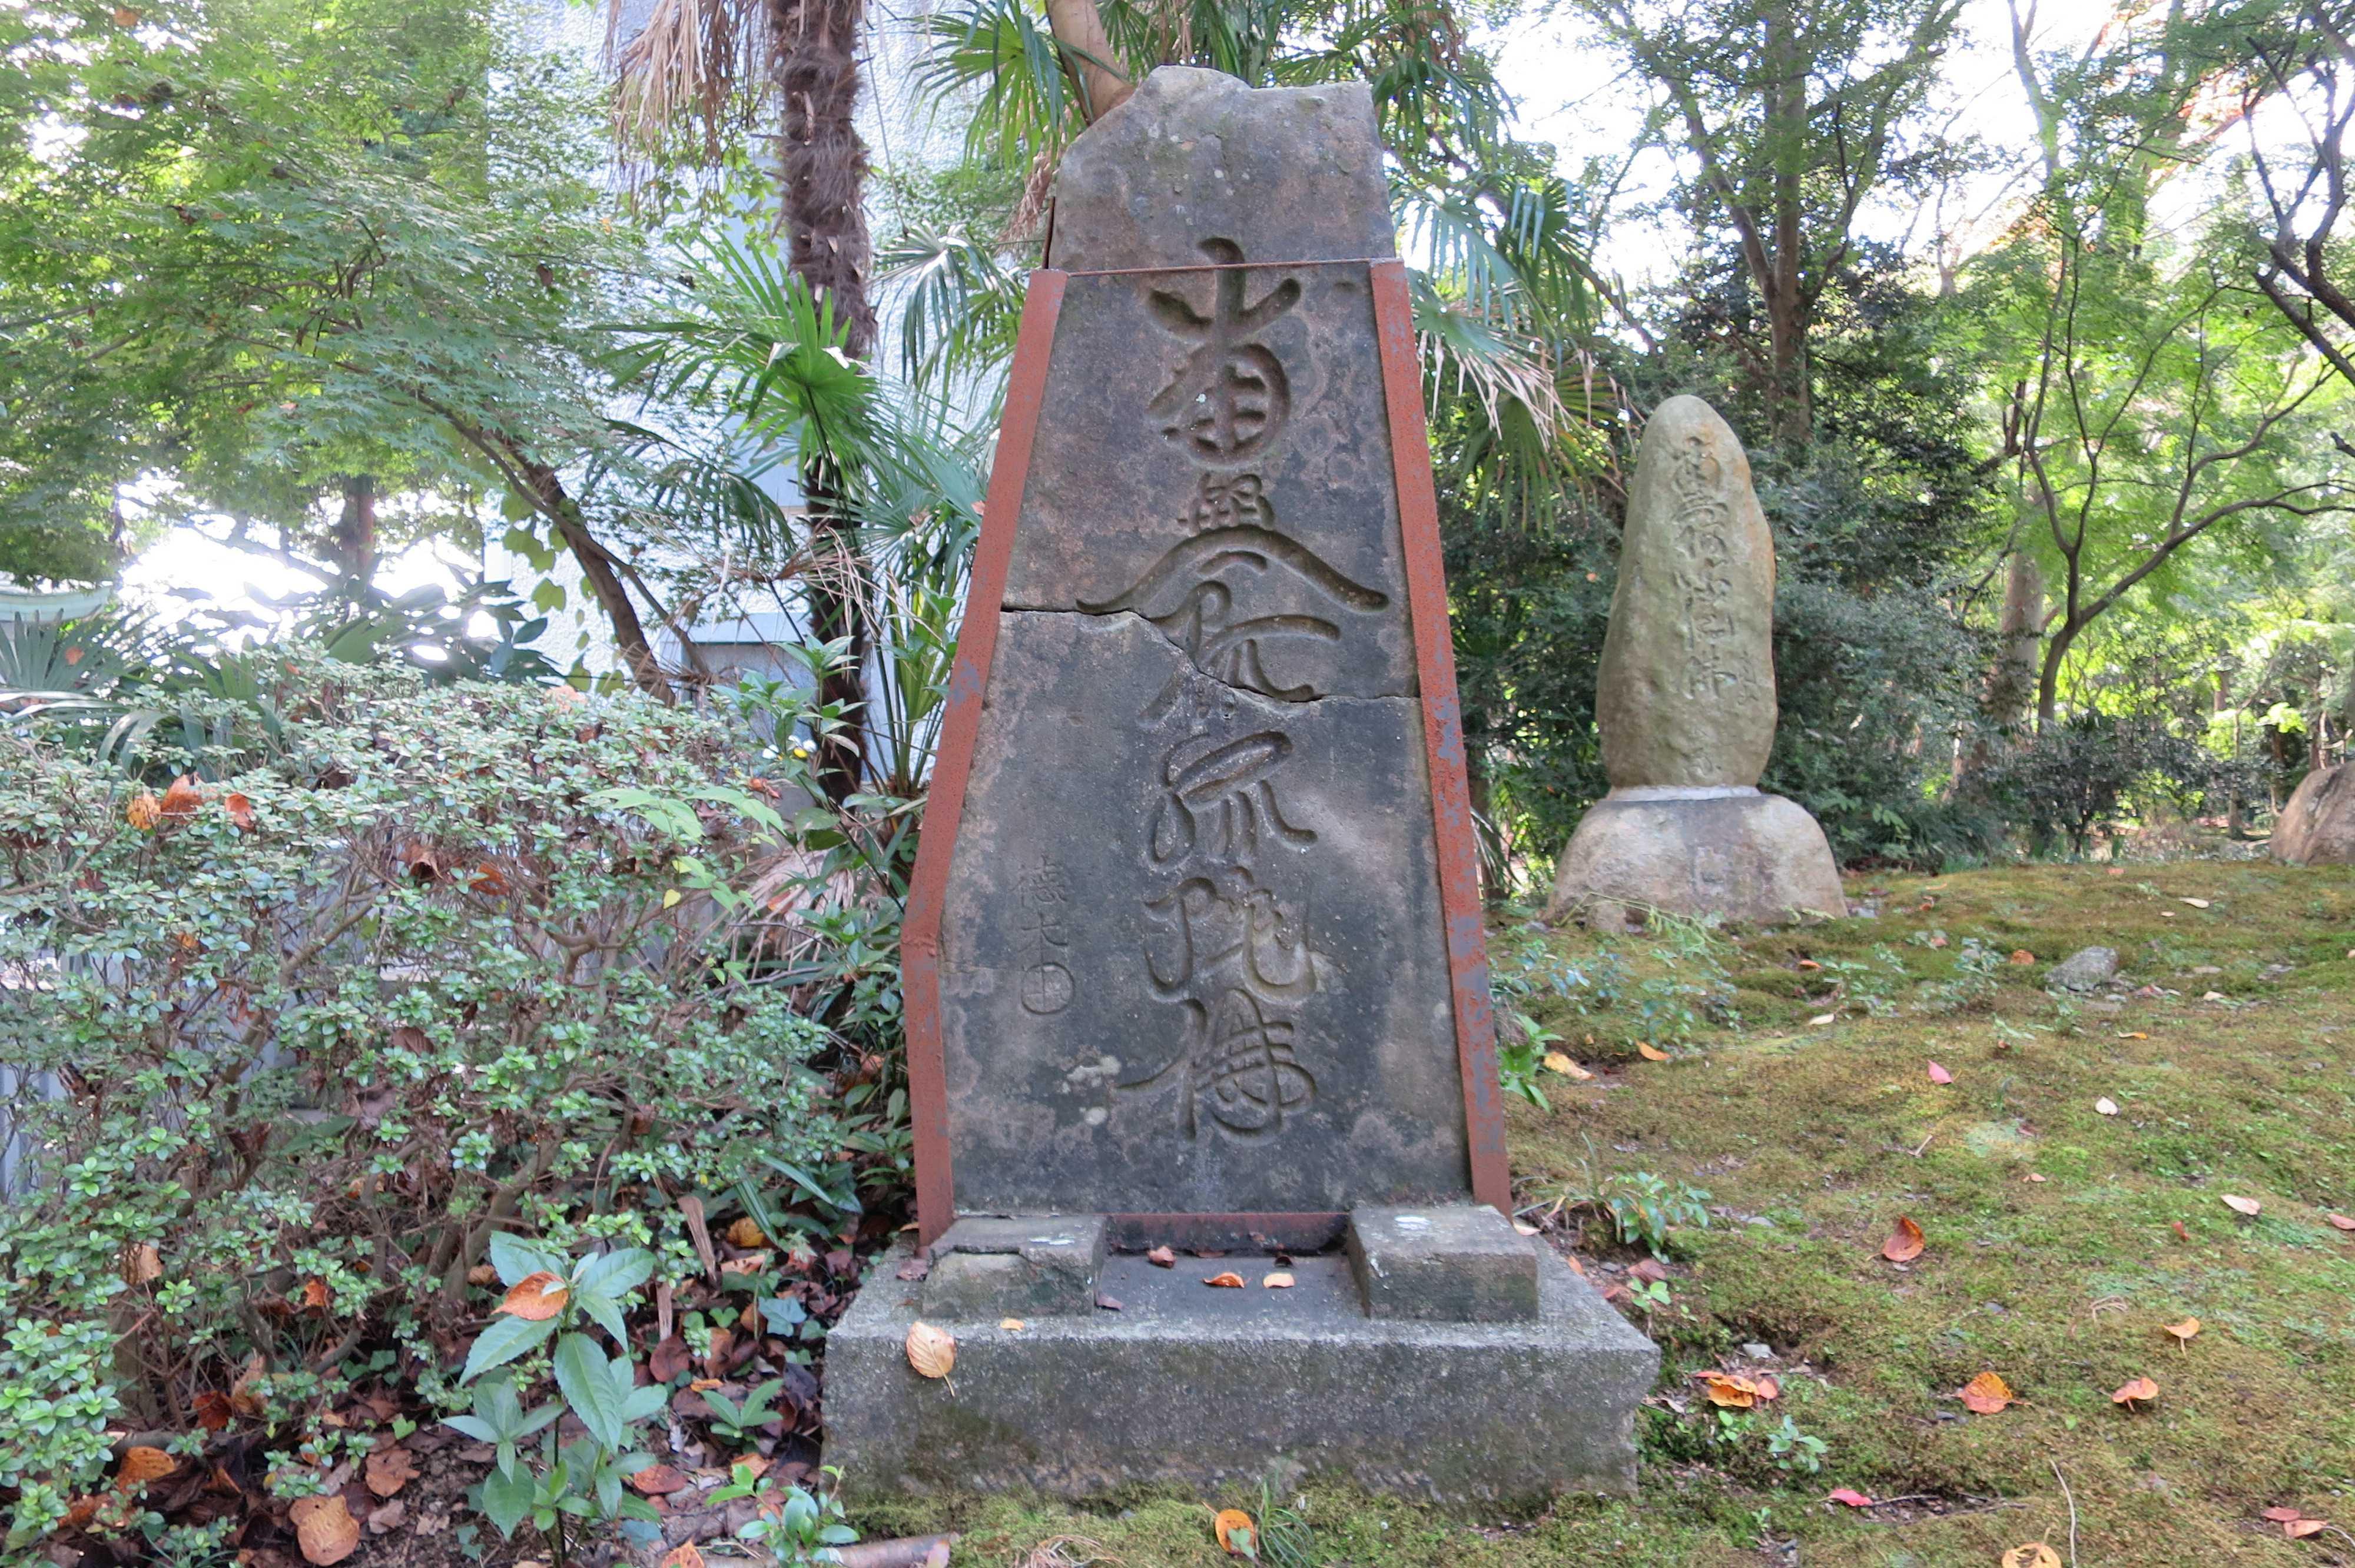 無量光寺 - 徳本念仏塔(文化14年) - 相模原市登録有形民俗文化財